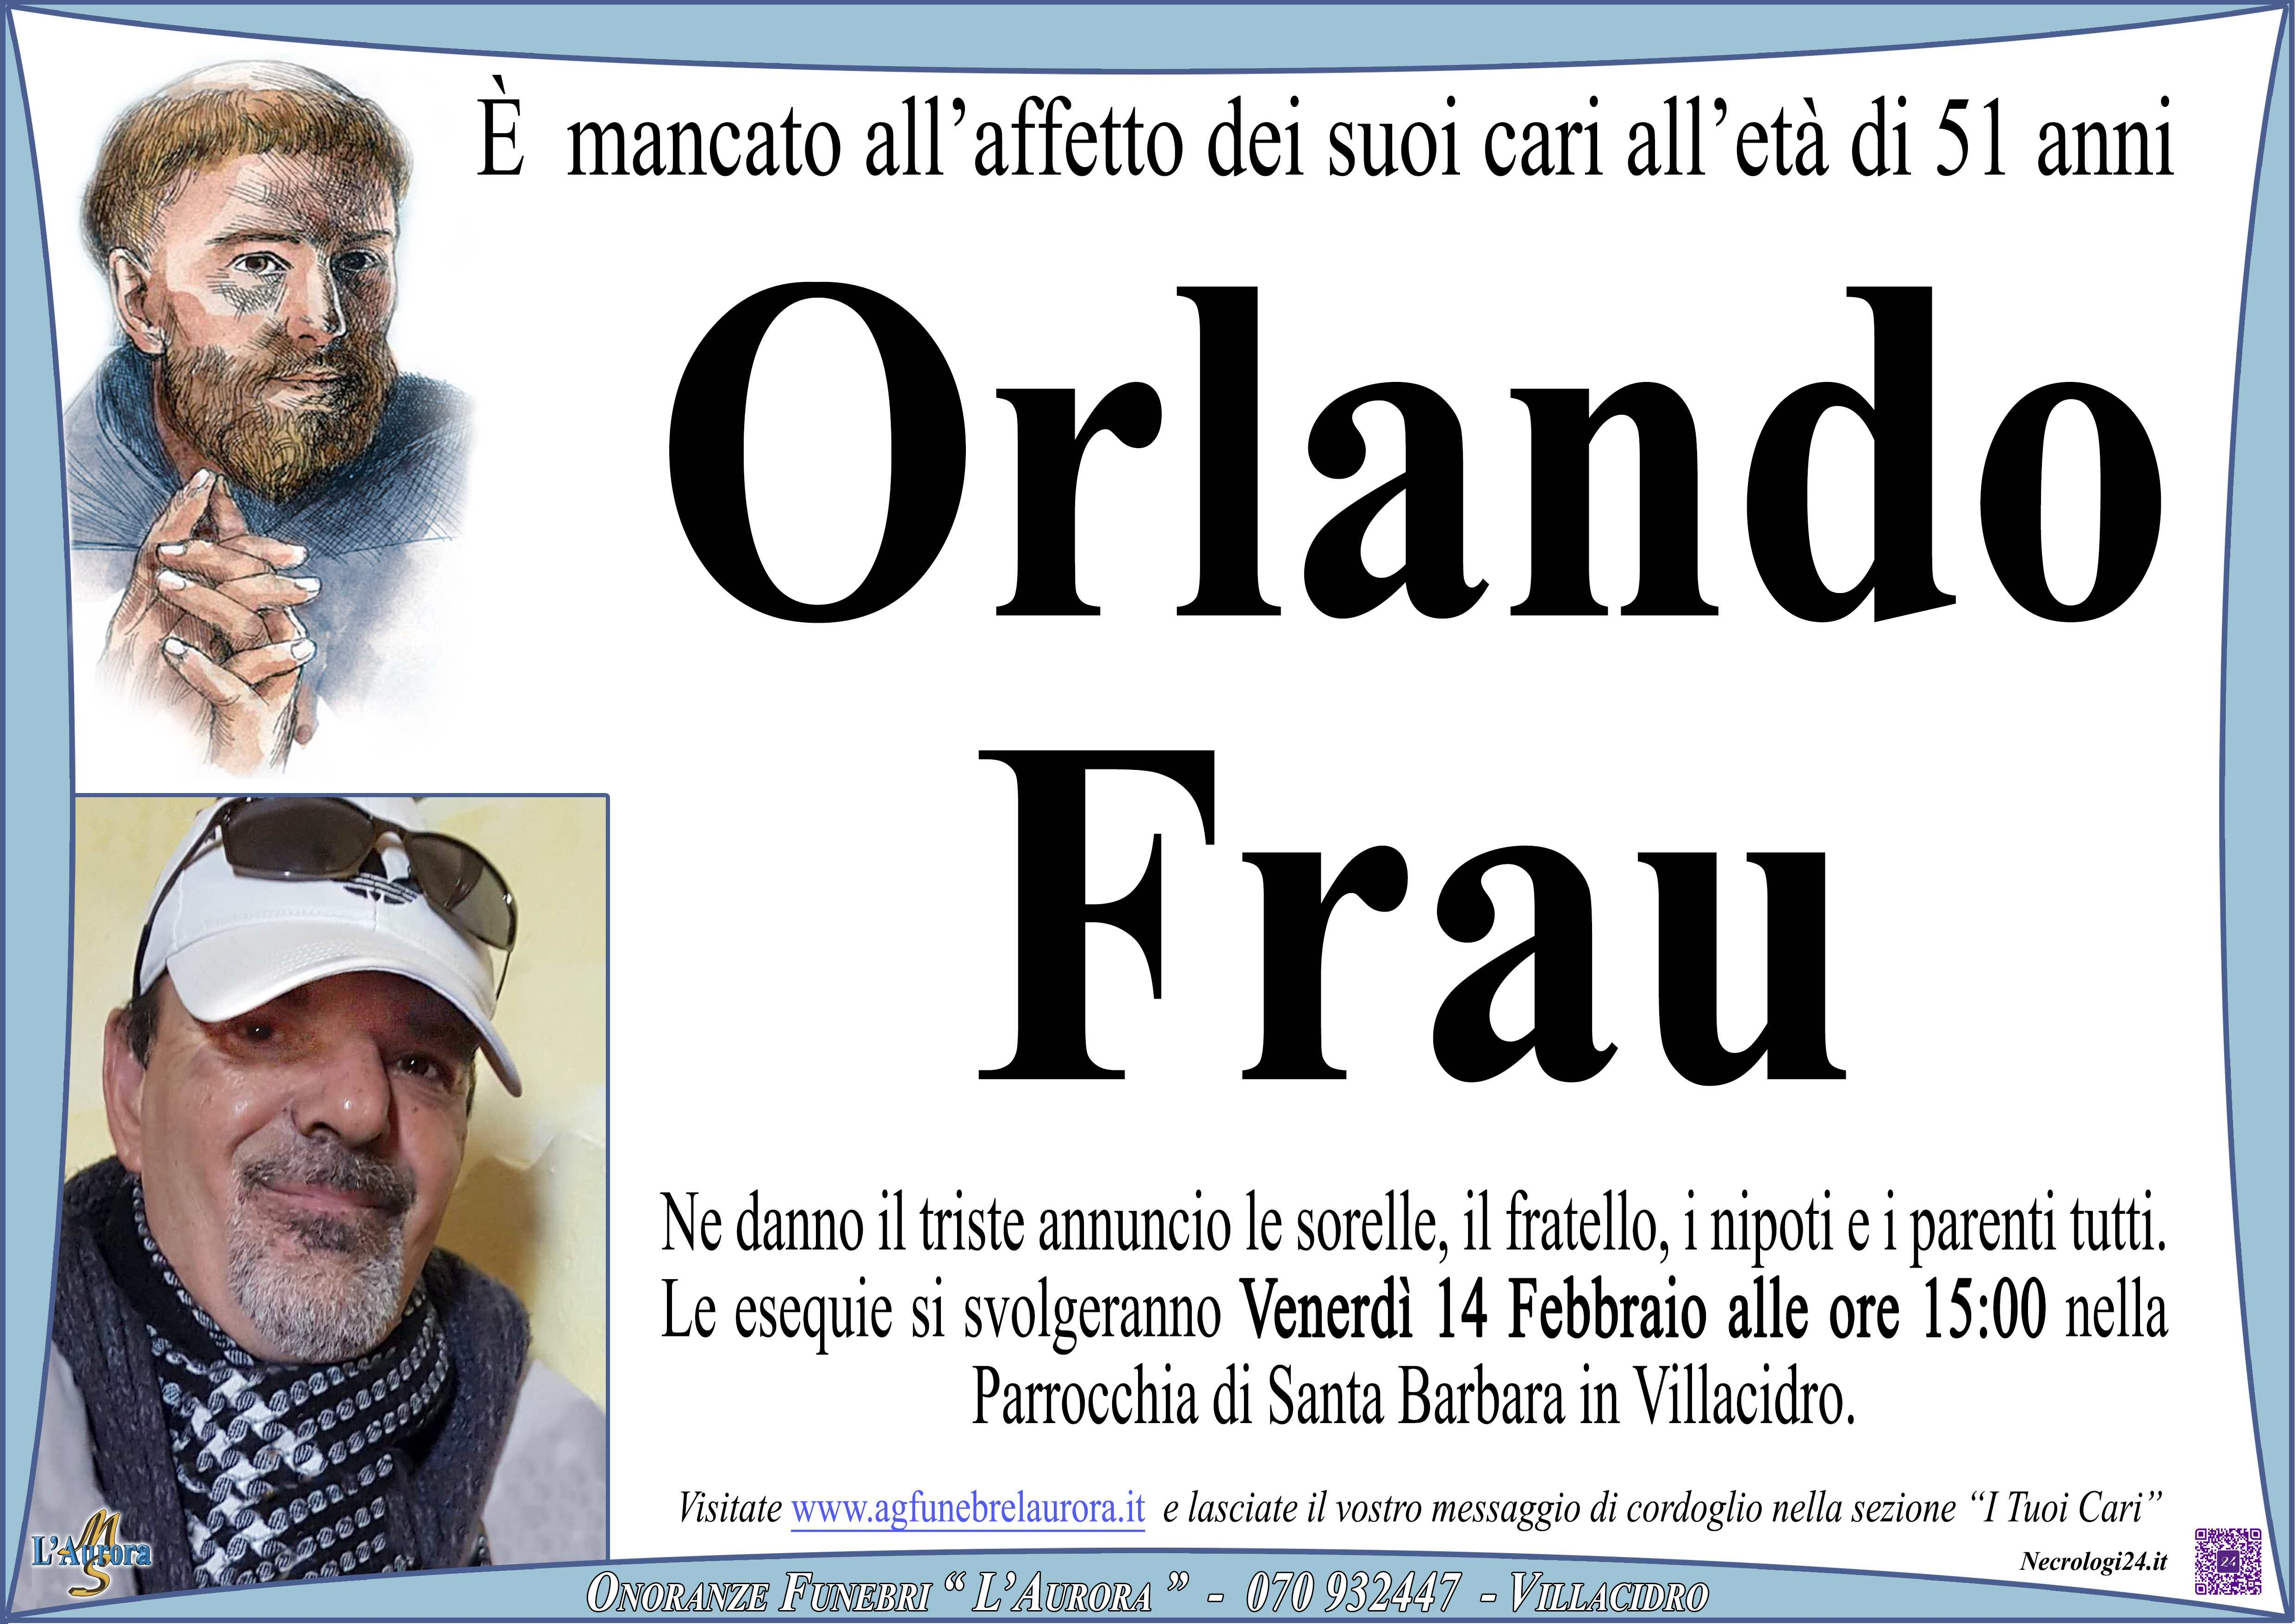 Orlando Frau